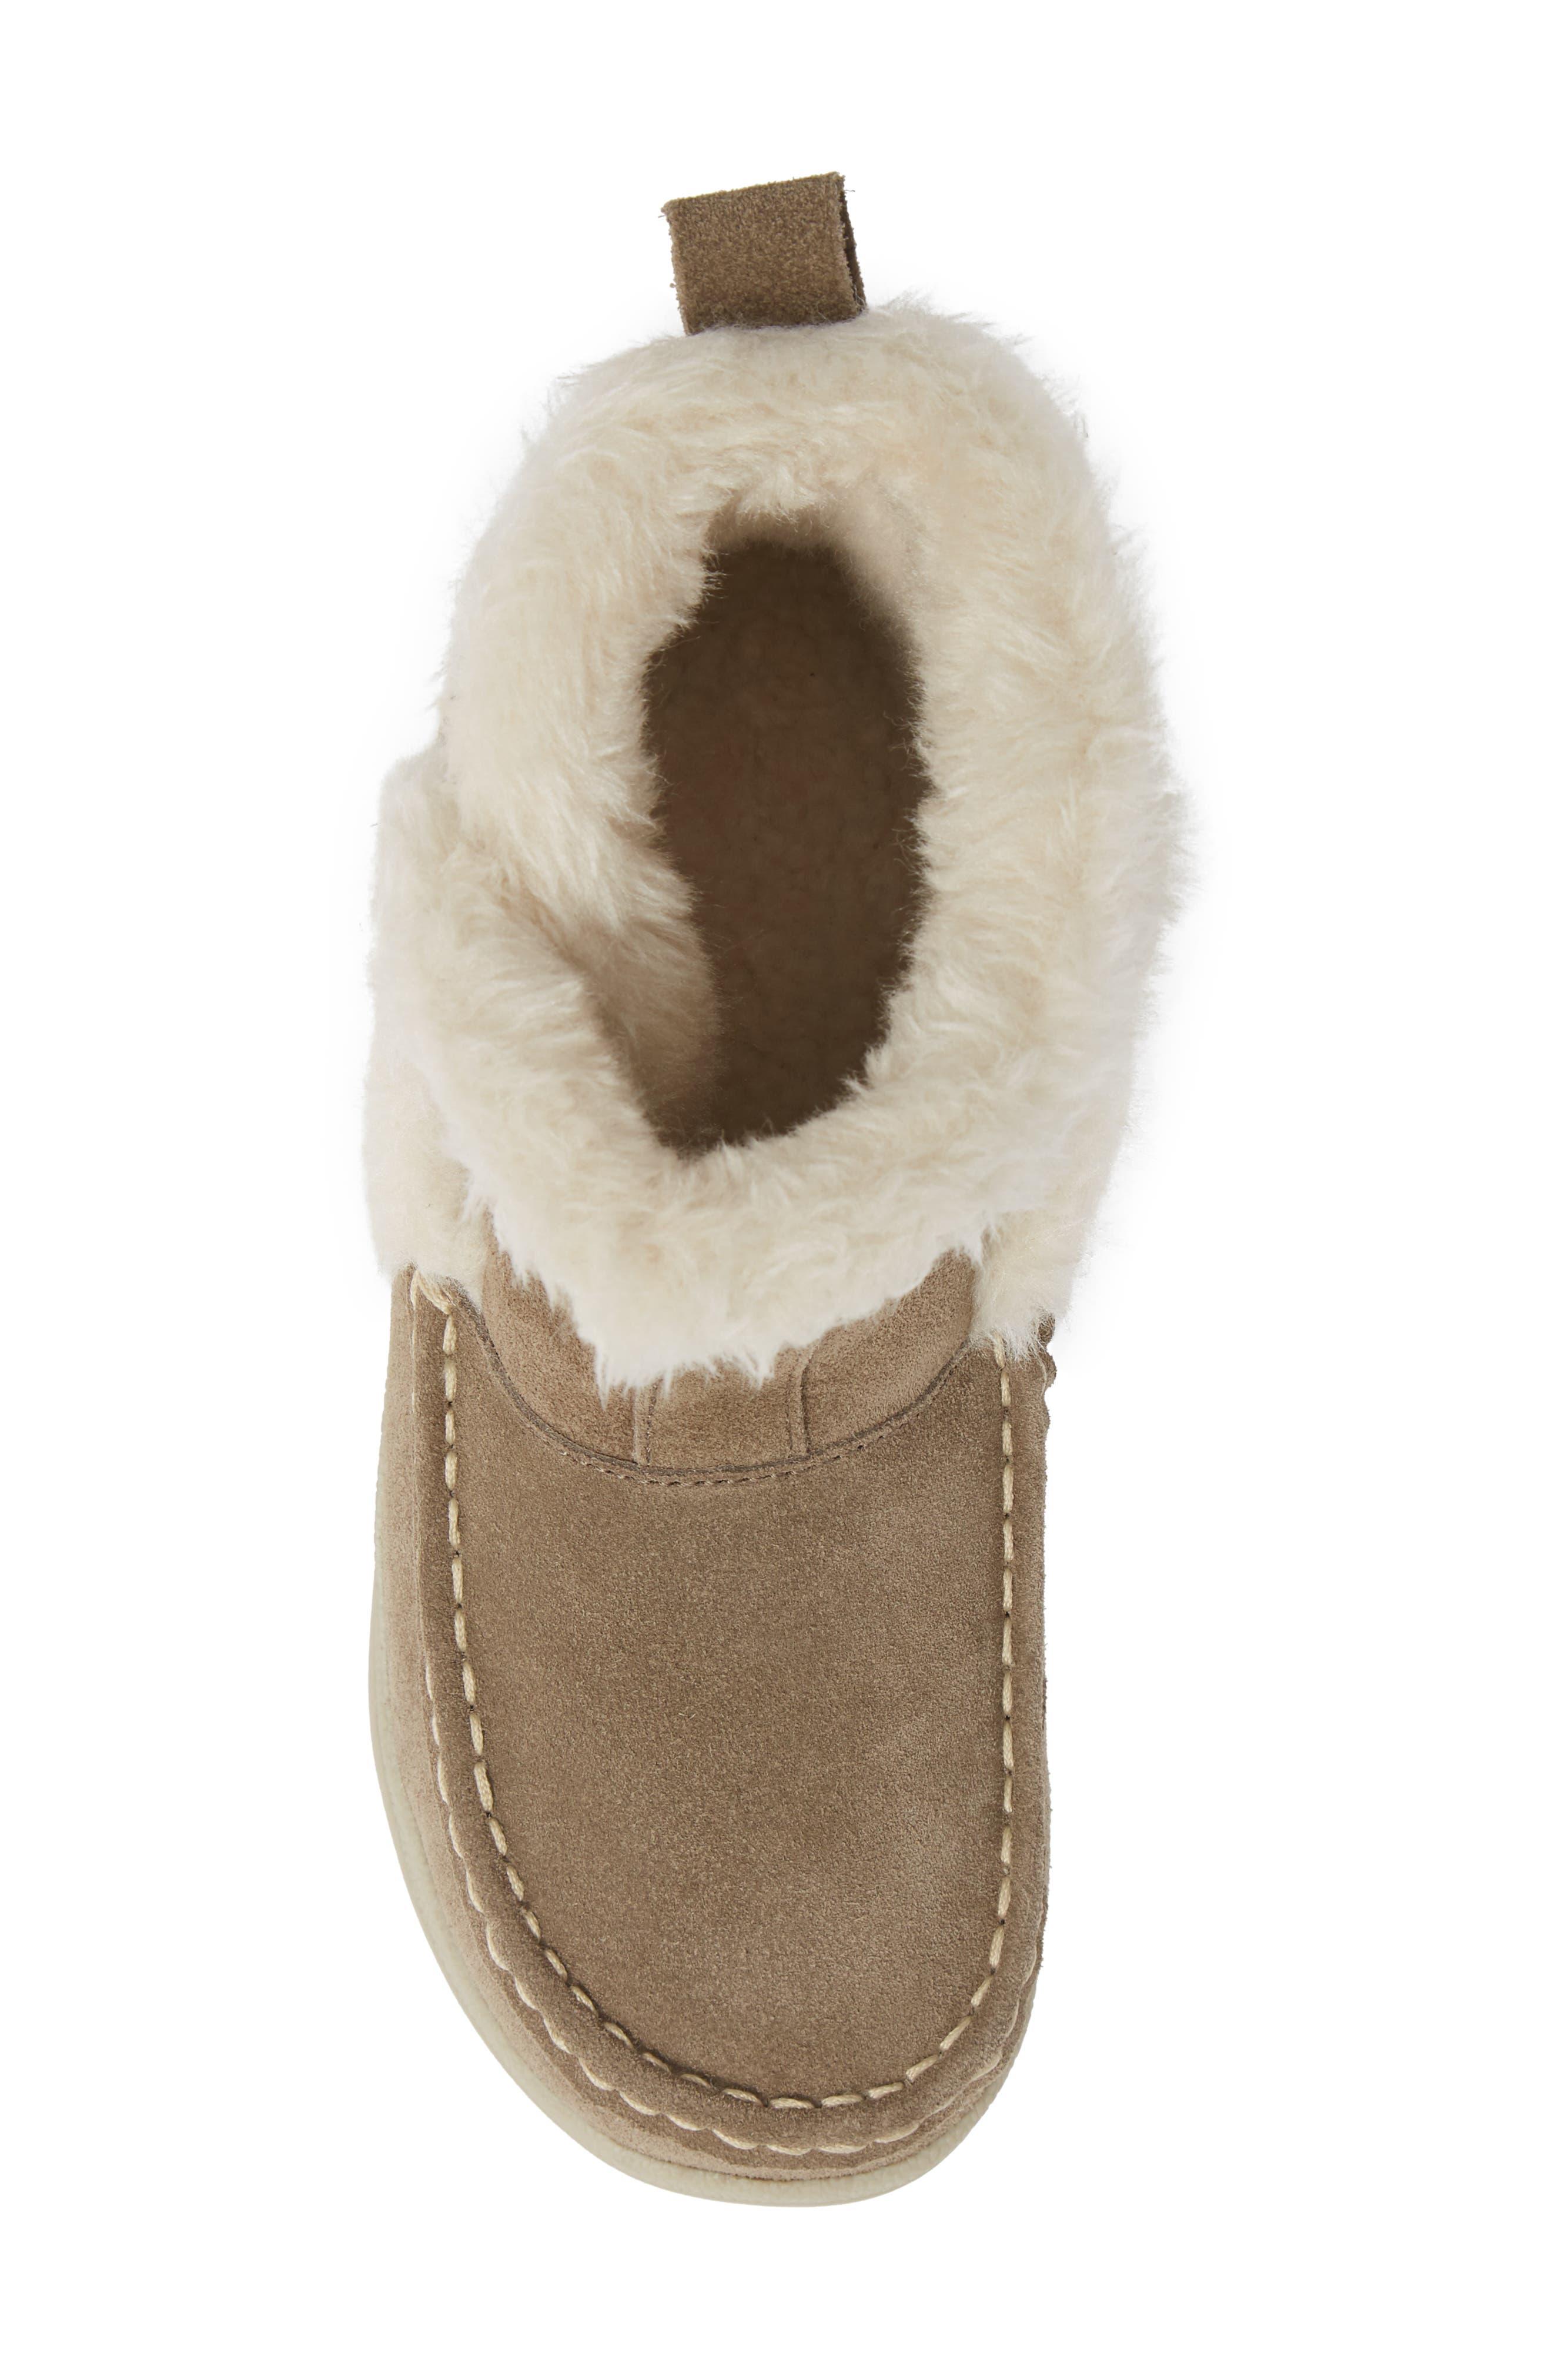 WOOLRICH,                             Pine Creek II Faux Fur Trim Boot,                             Alternate thumbnail 5, color,                             STEEL/ HERRINGBONE SUEDE